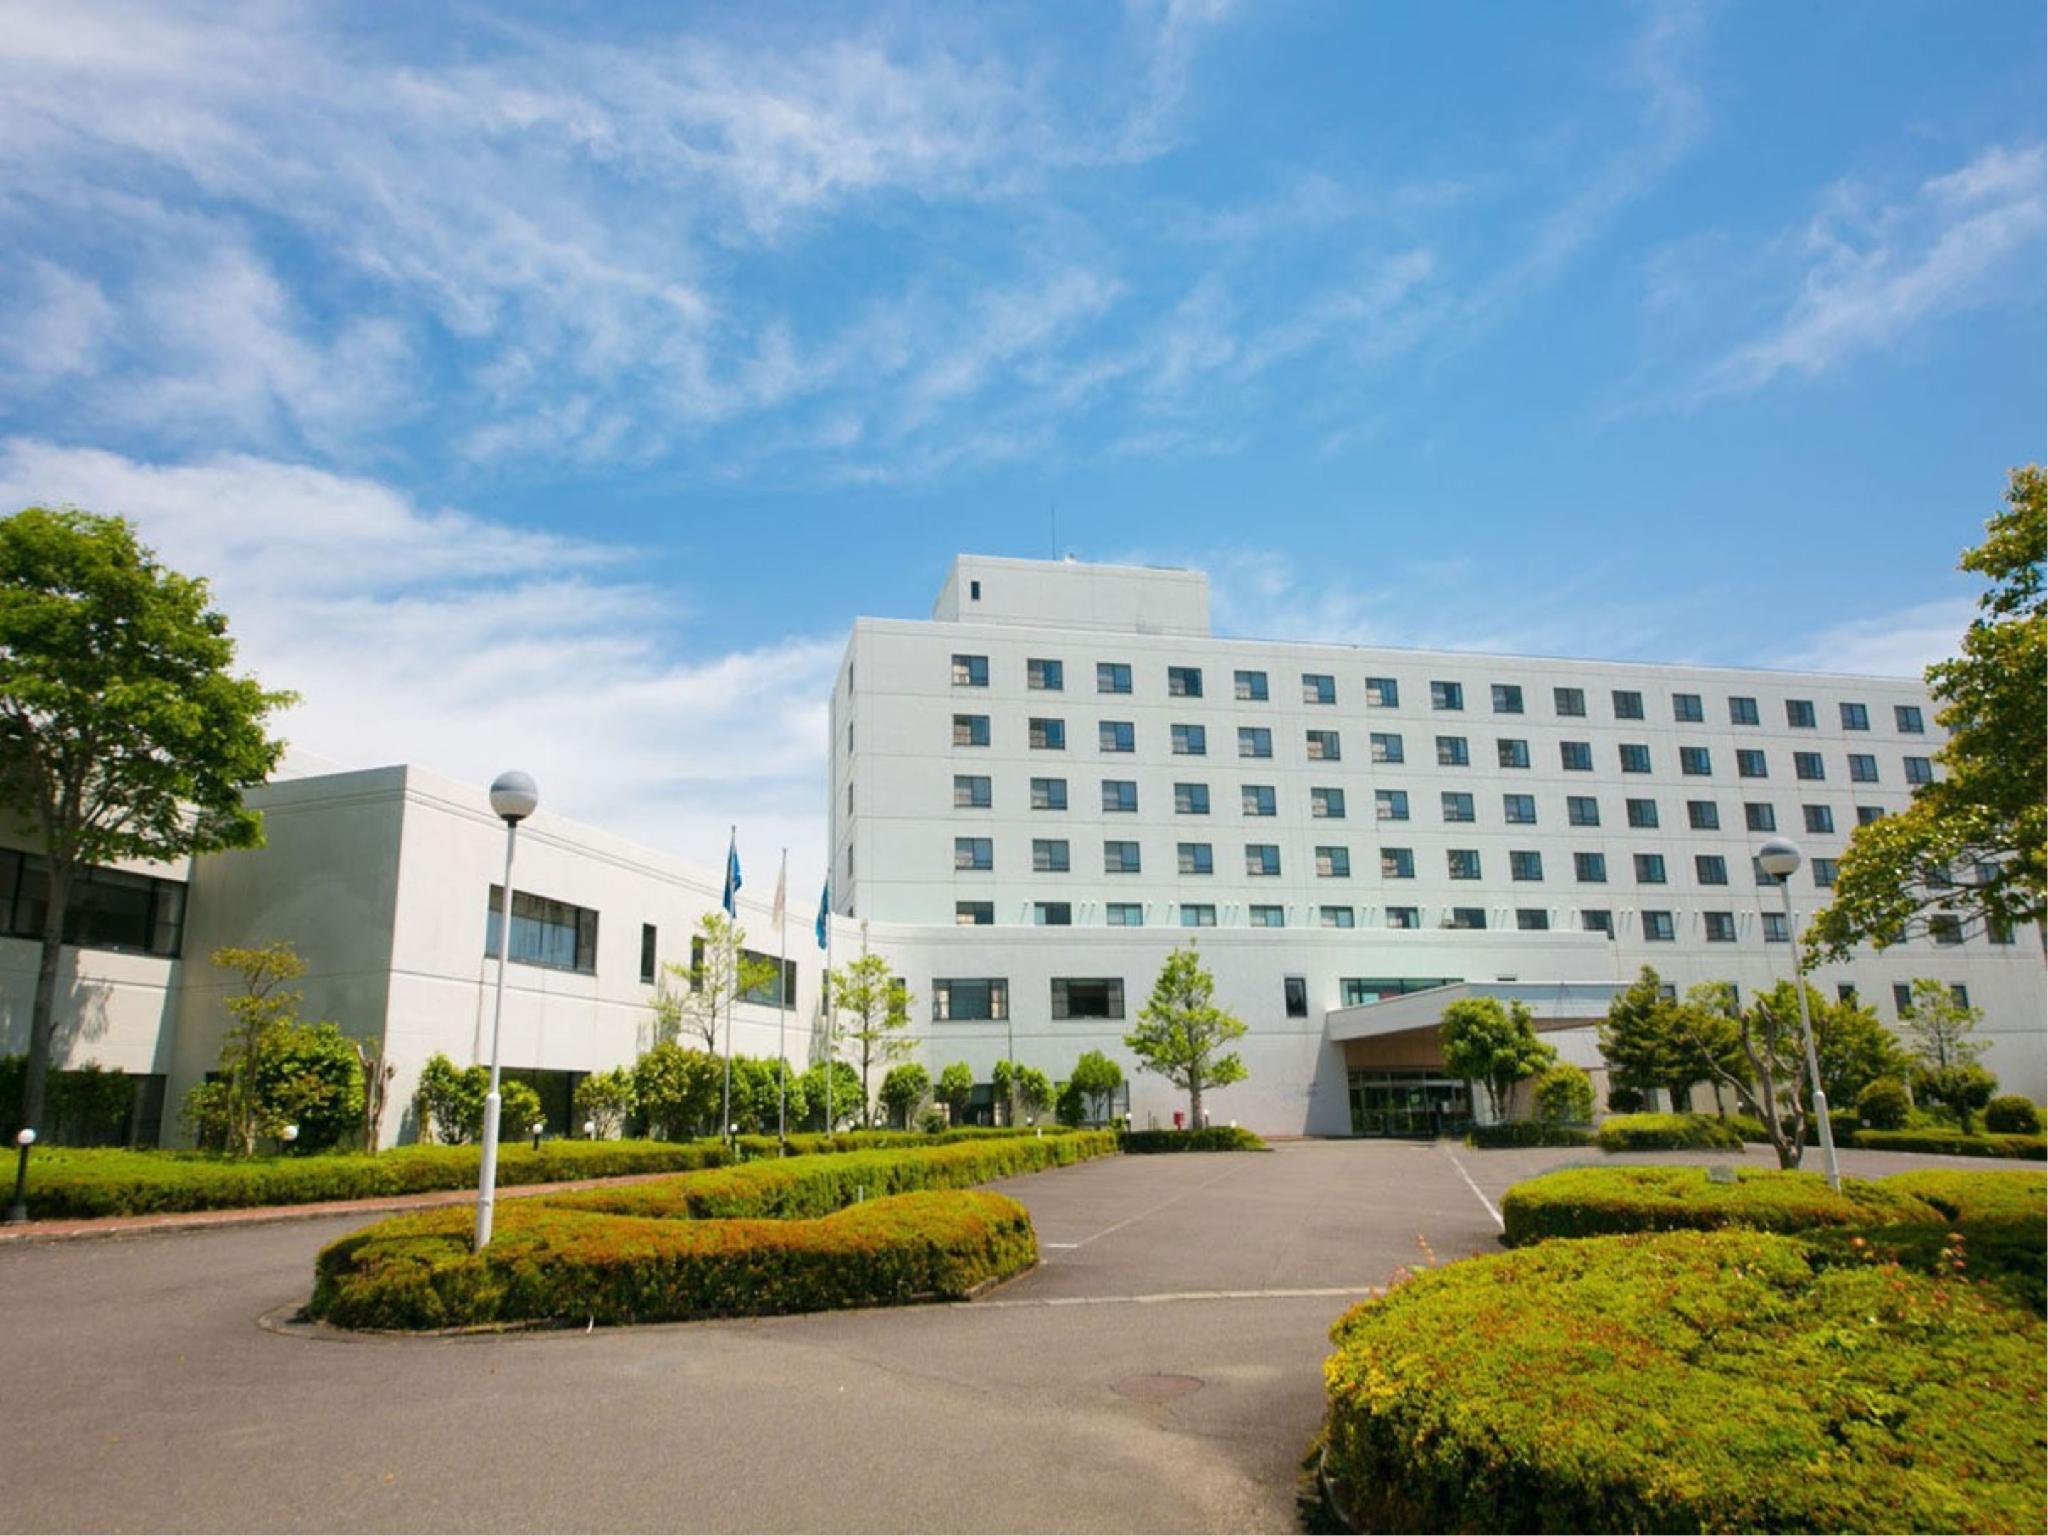 Active Resorts Kirishima